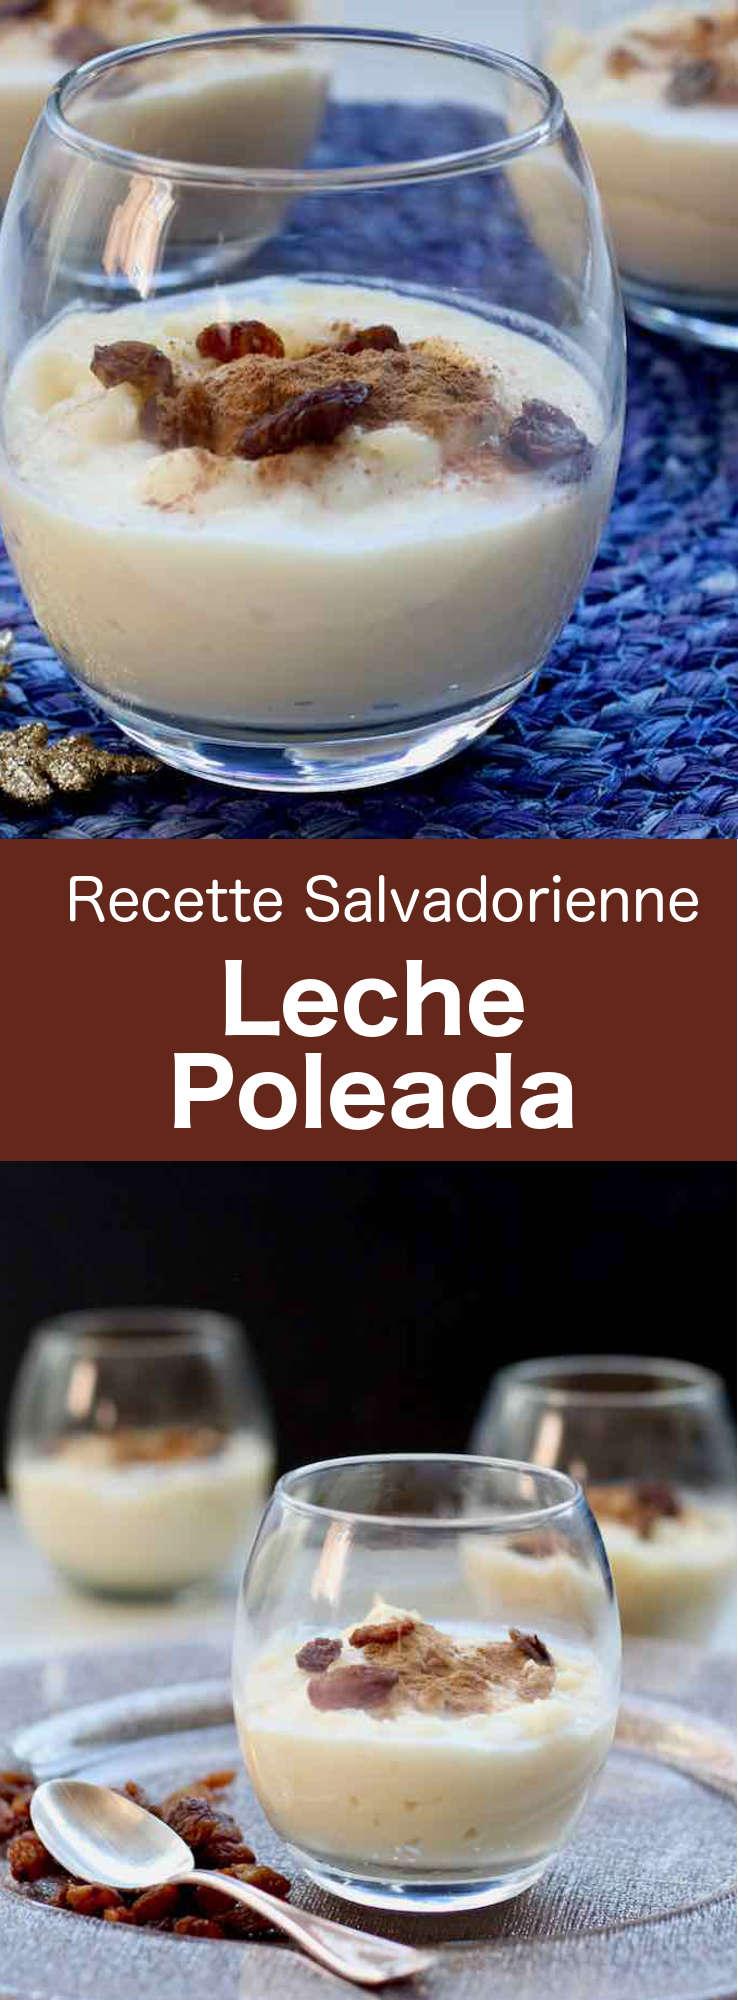 Le leche poleada est un dessert lacté traditionnel du Salvador parfumé à la cannelle et à la vanille pouvant aussi servir de base pour d'autres recettes. #Salvador #CuisineSalvadorienne #AmeriqueCentrale #CuisineDuMonde #196flavors